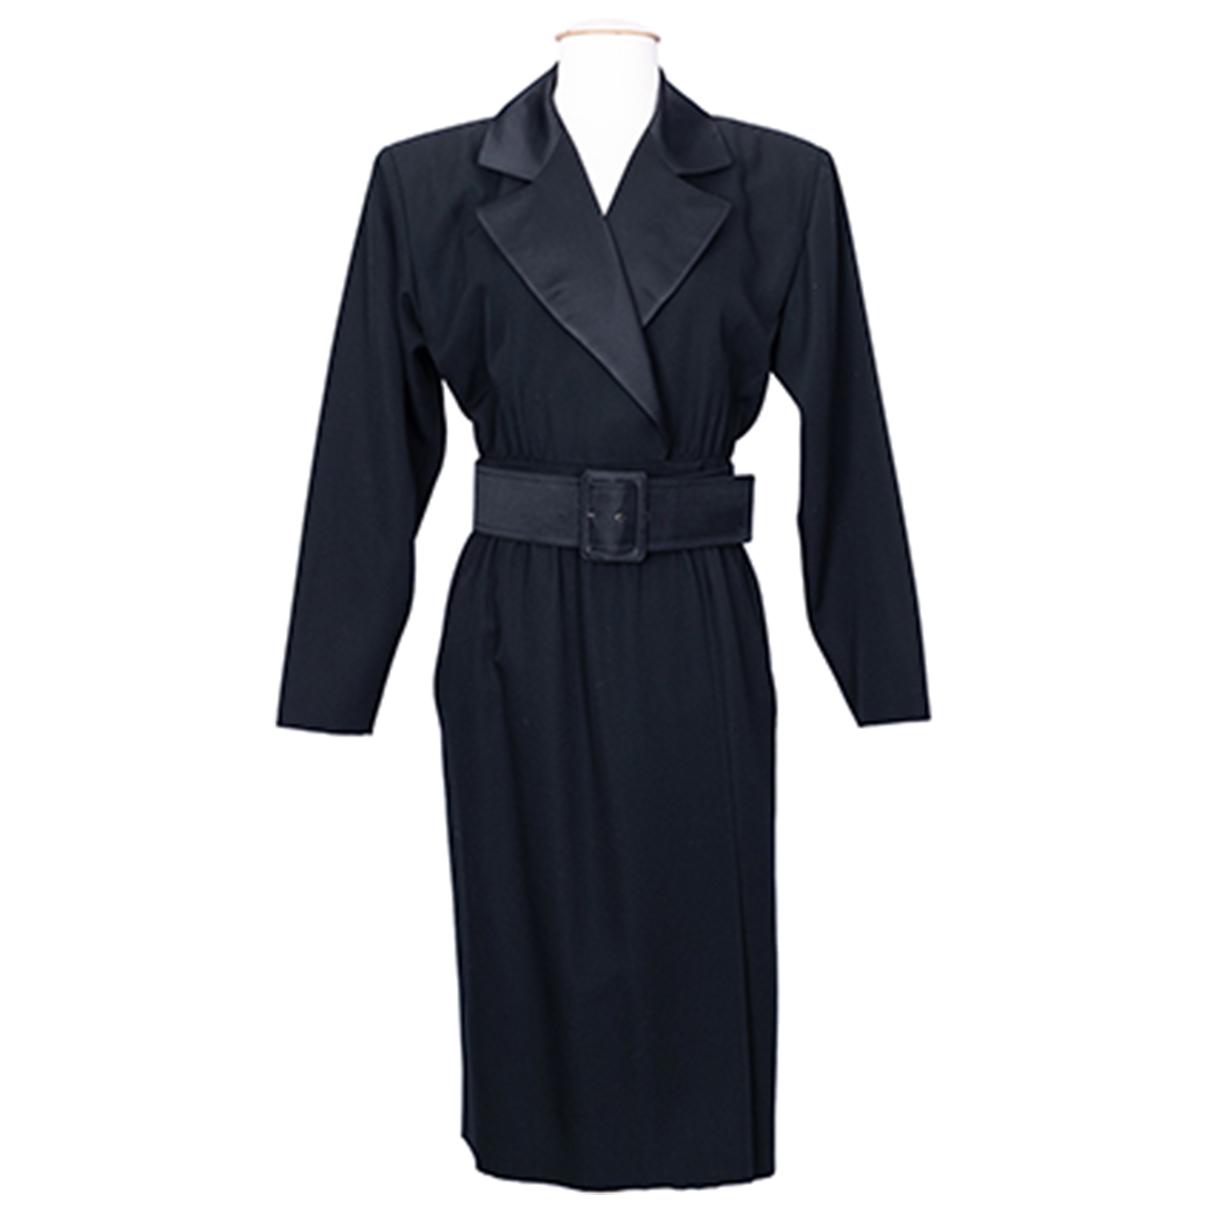 Yves Saint Laurent N Black Wool dress for Women 38 FR